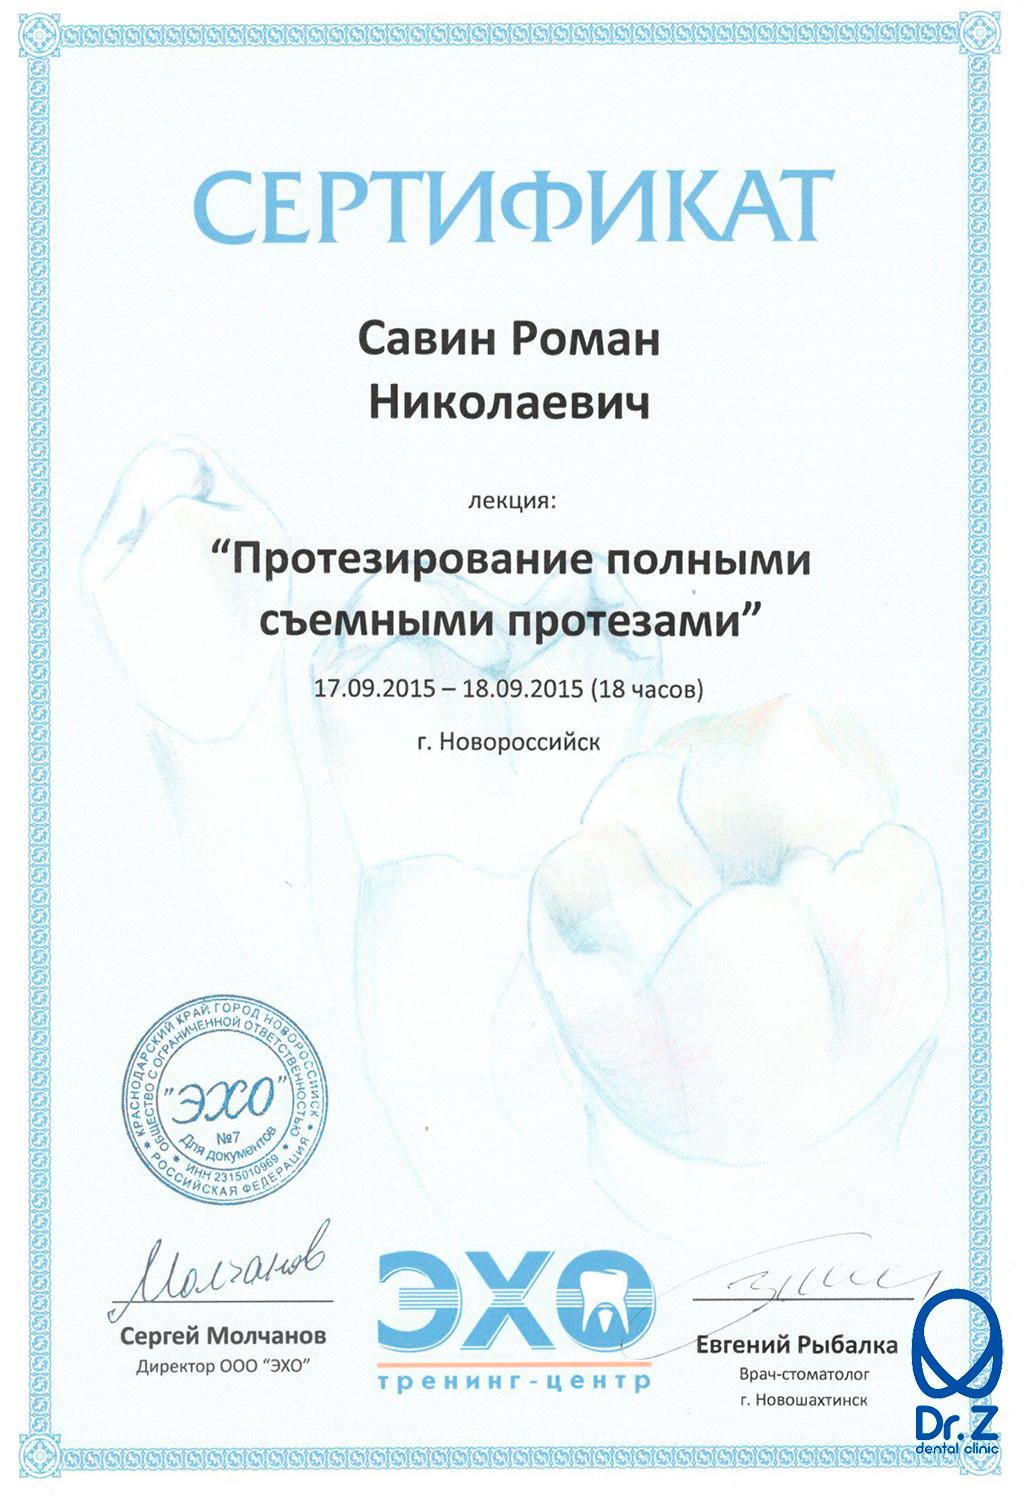 Сертификат по результатам прохождения Савиным Романом Николаевичем курса по теме